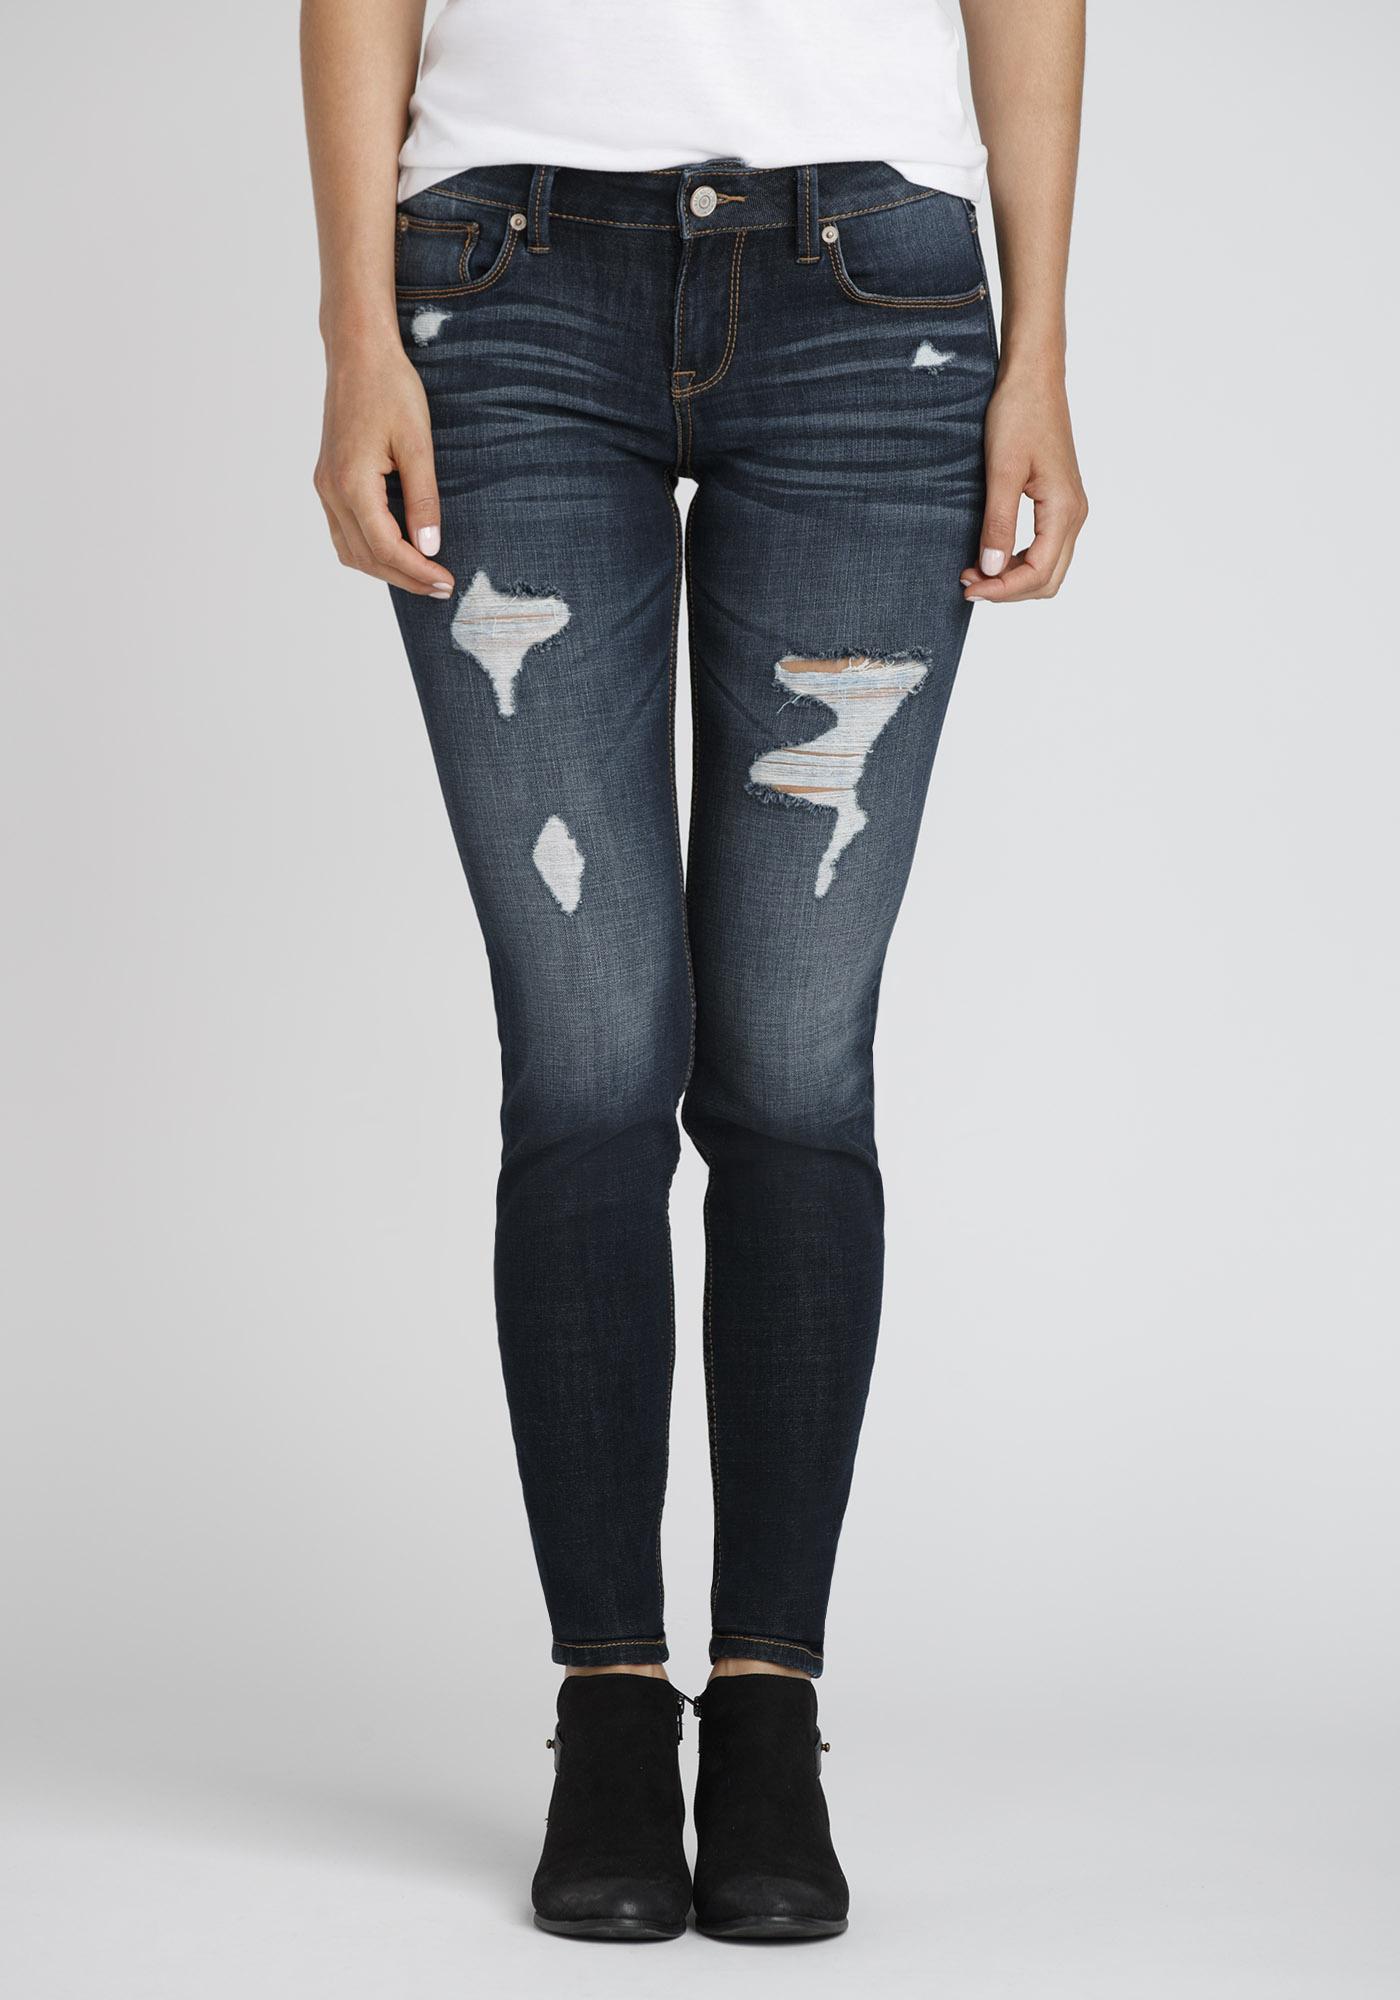 Ladies Destroyed Skinny Jeans